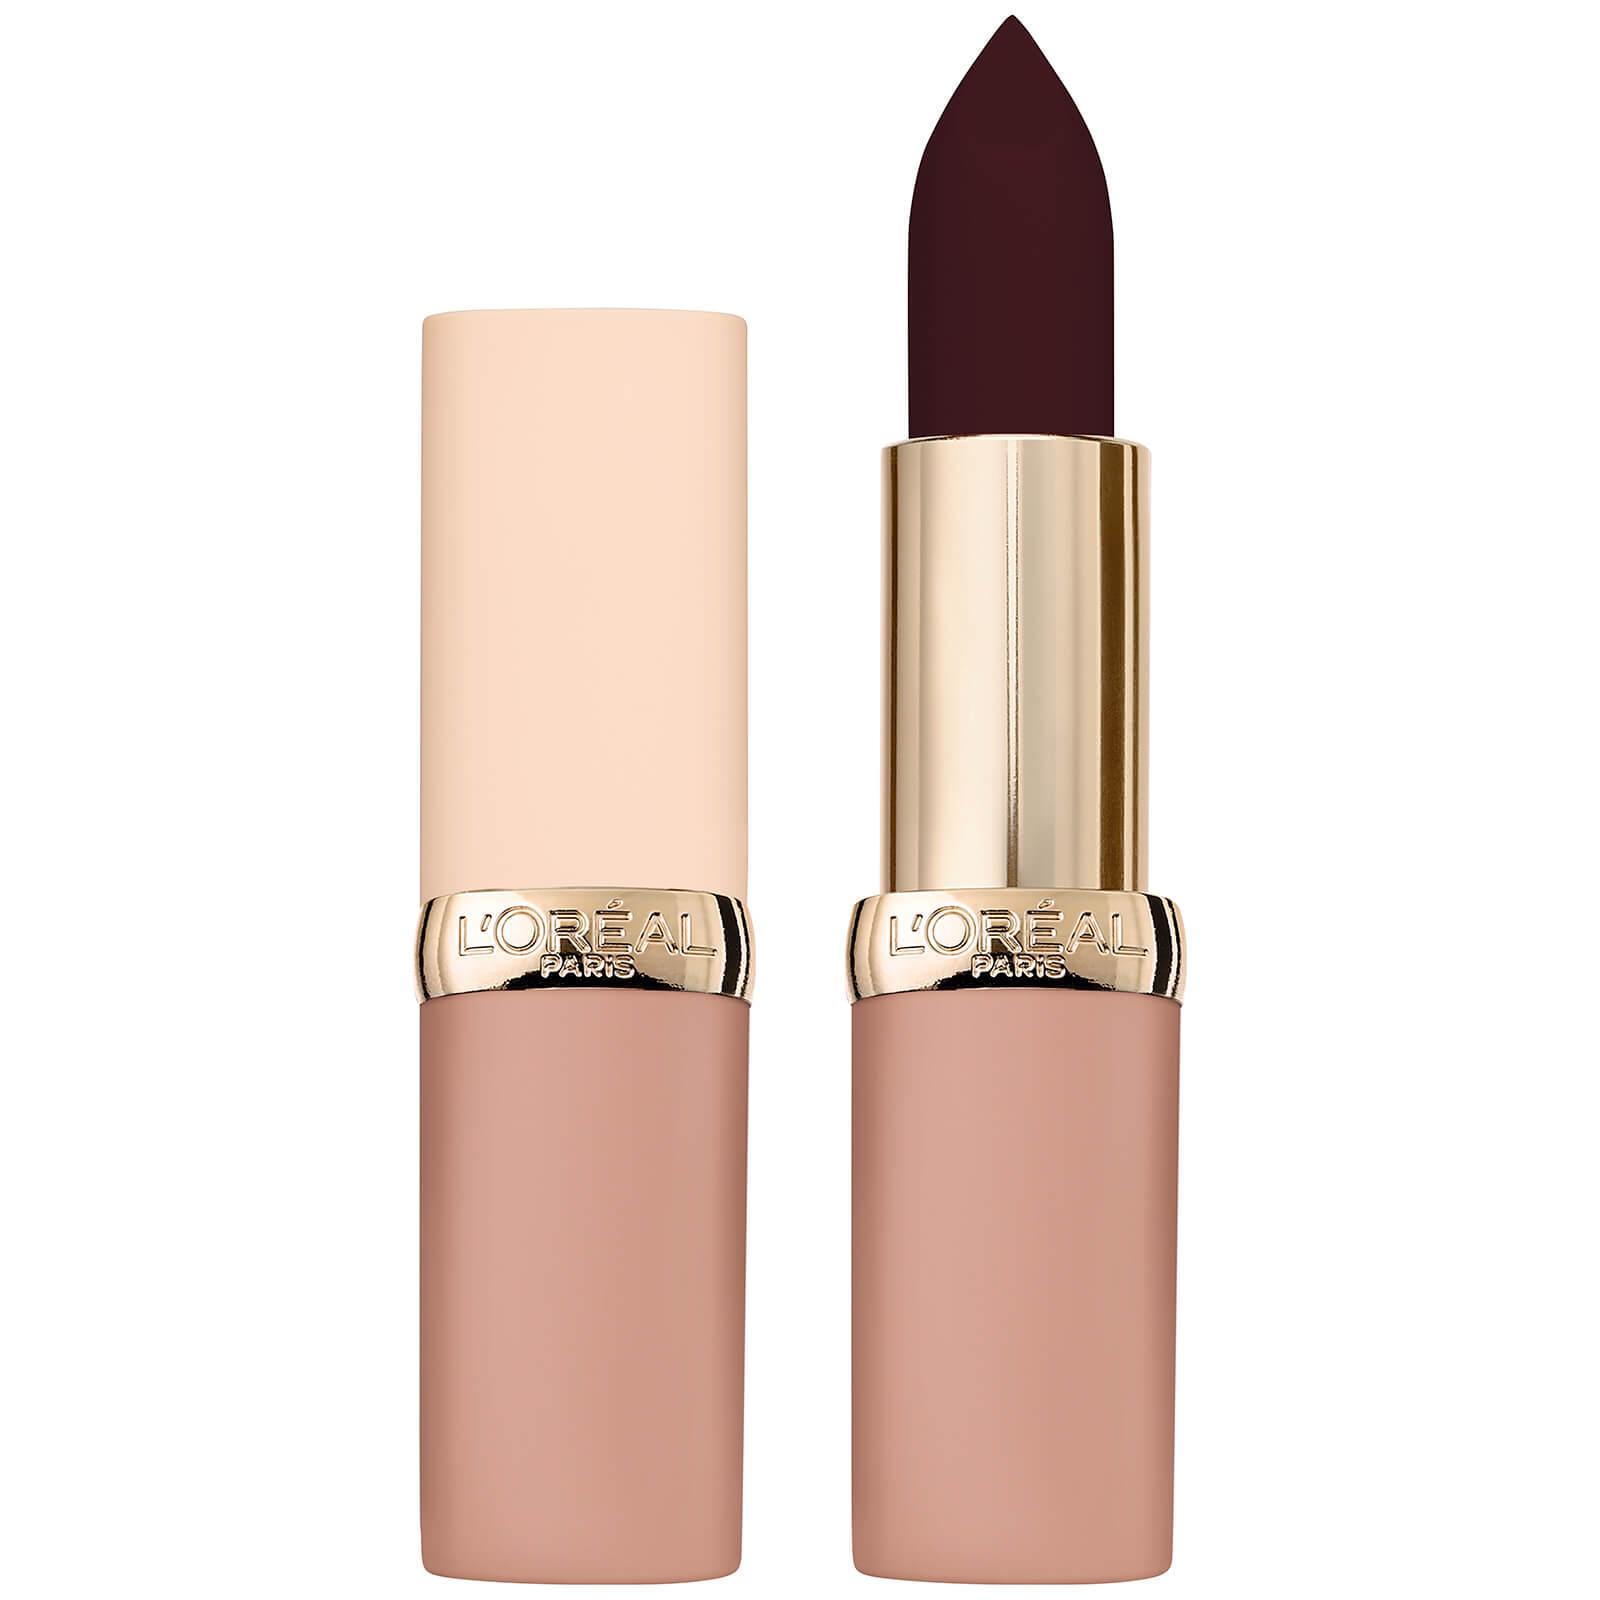 L'Oréal Paris Color Riche Ultra-Matte Nude Lipstick 5g (Various Shades) - 0 12 No Prejudice